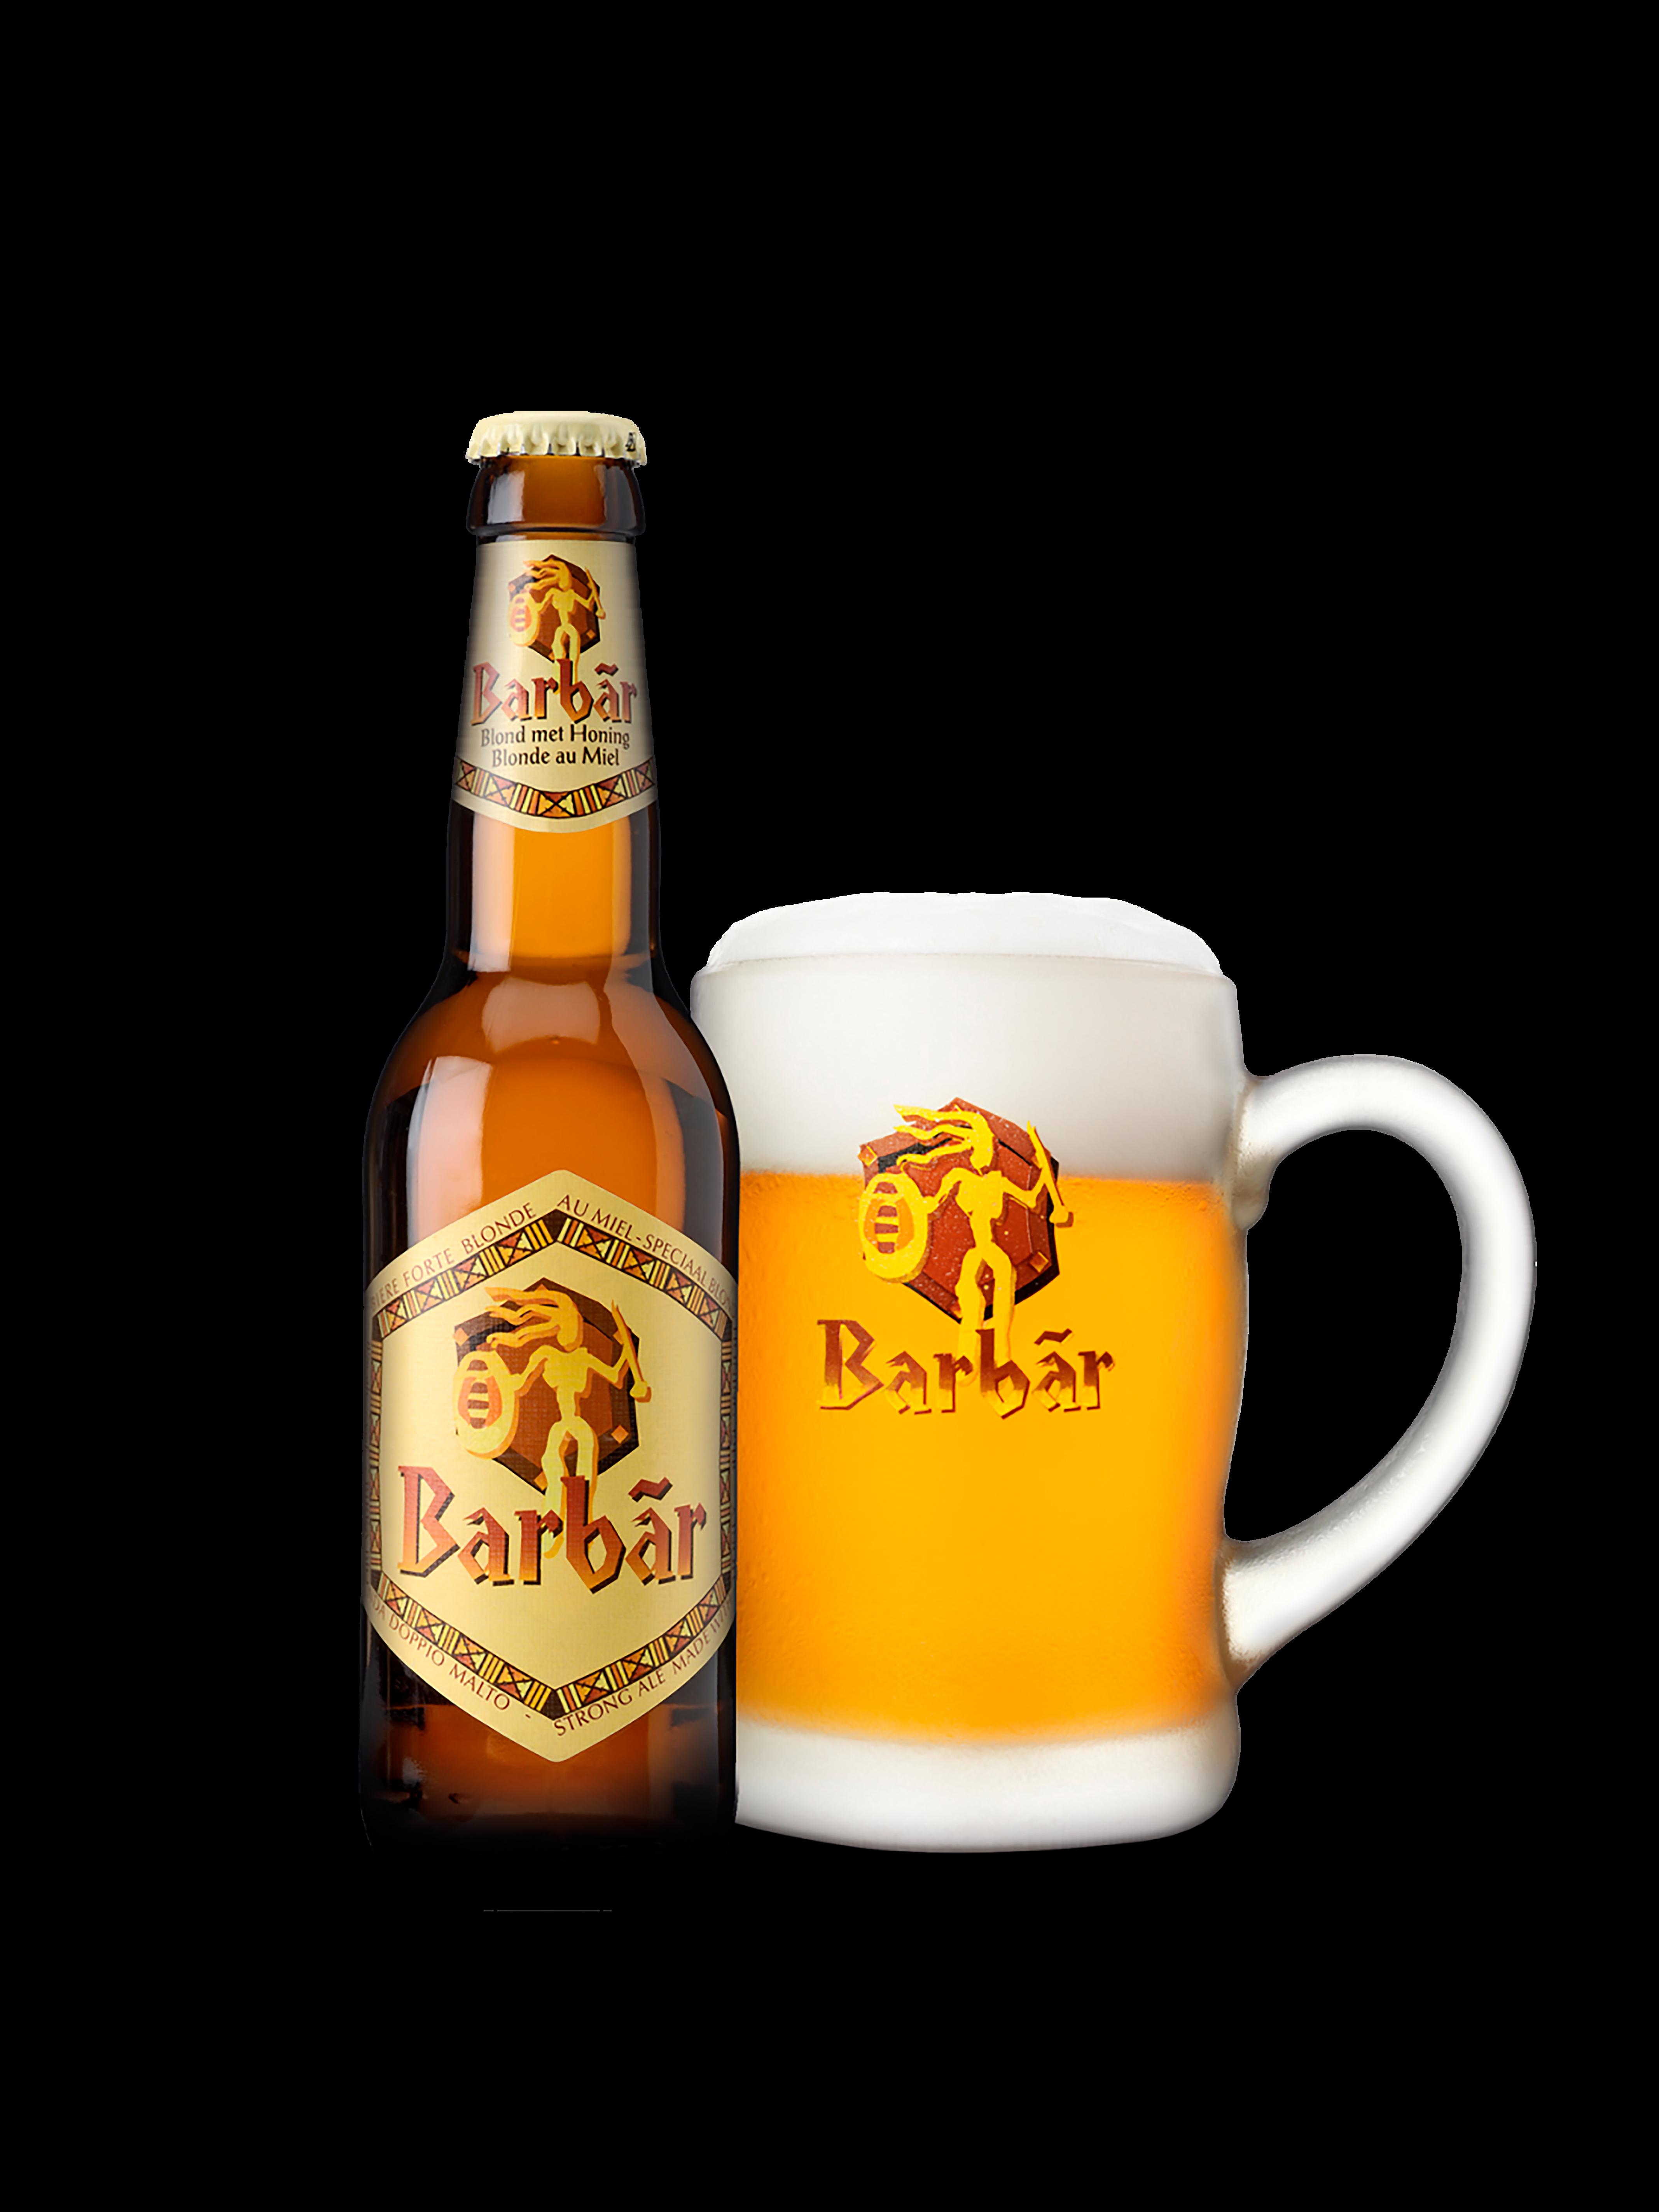 Bottiglia di birra con etichetta iallag e nome della birra